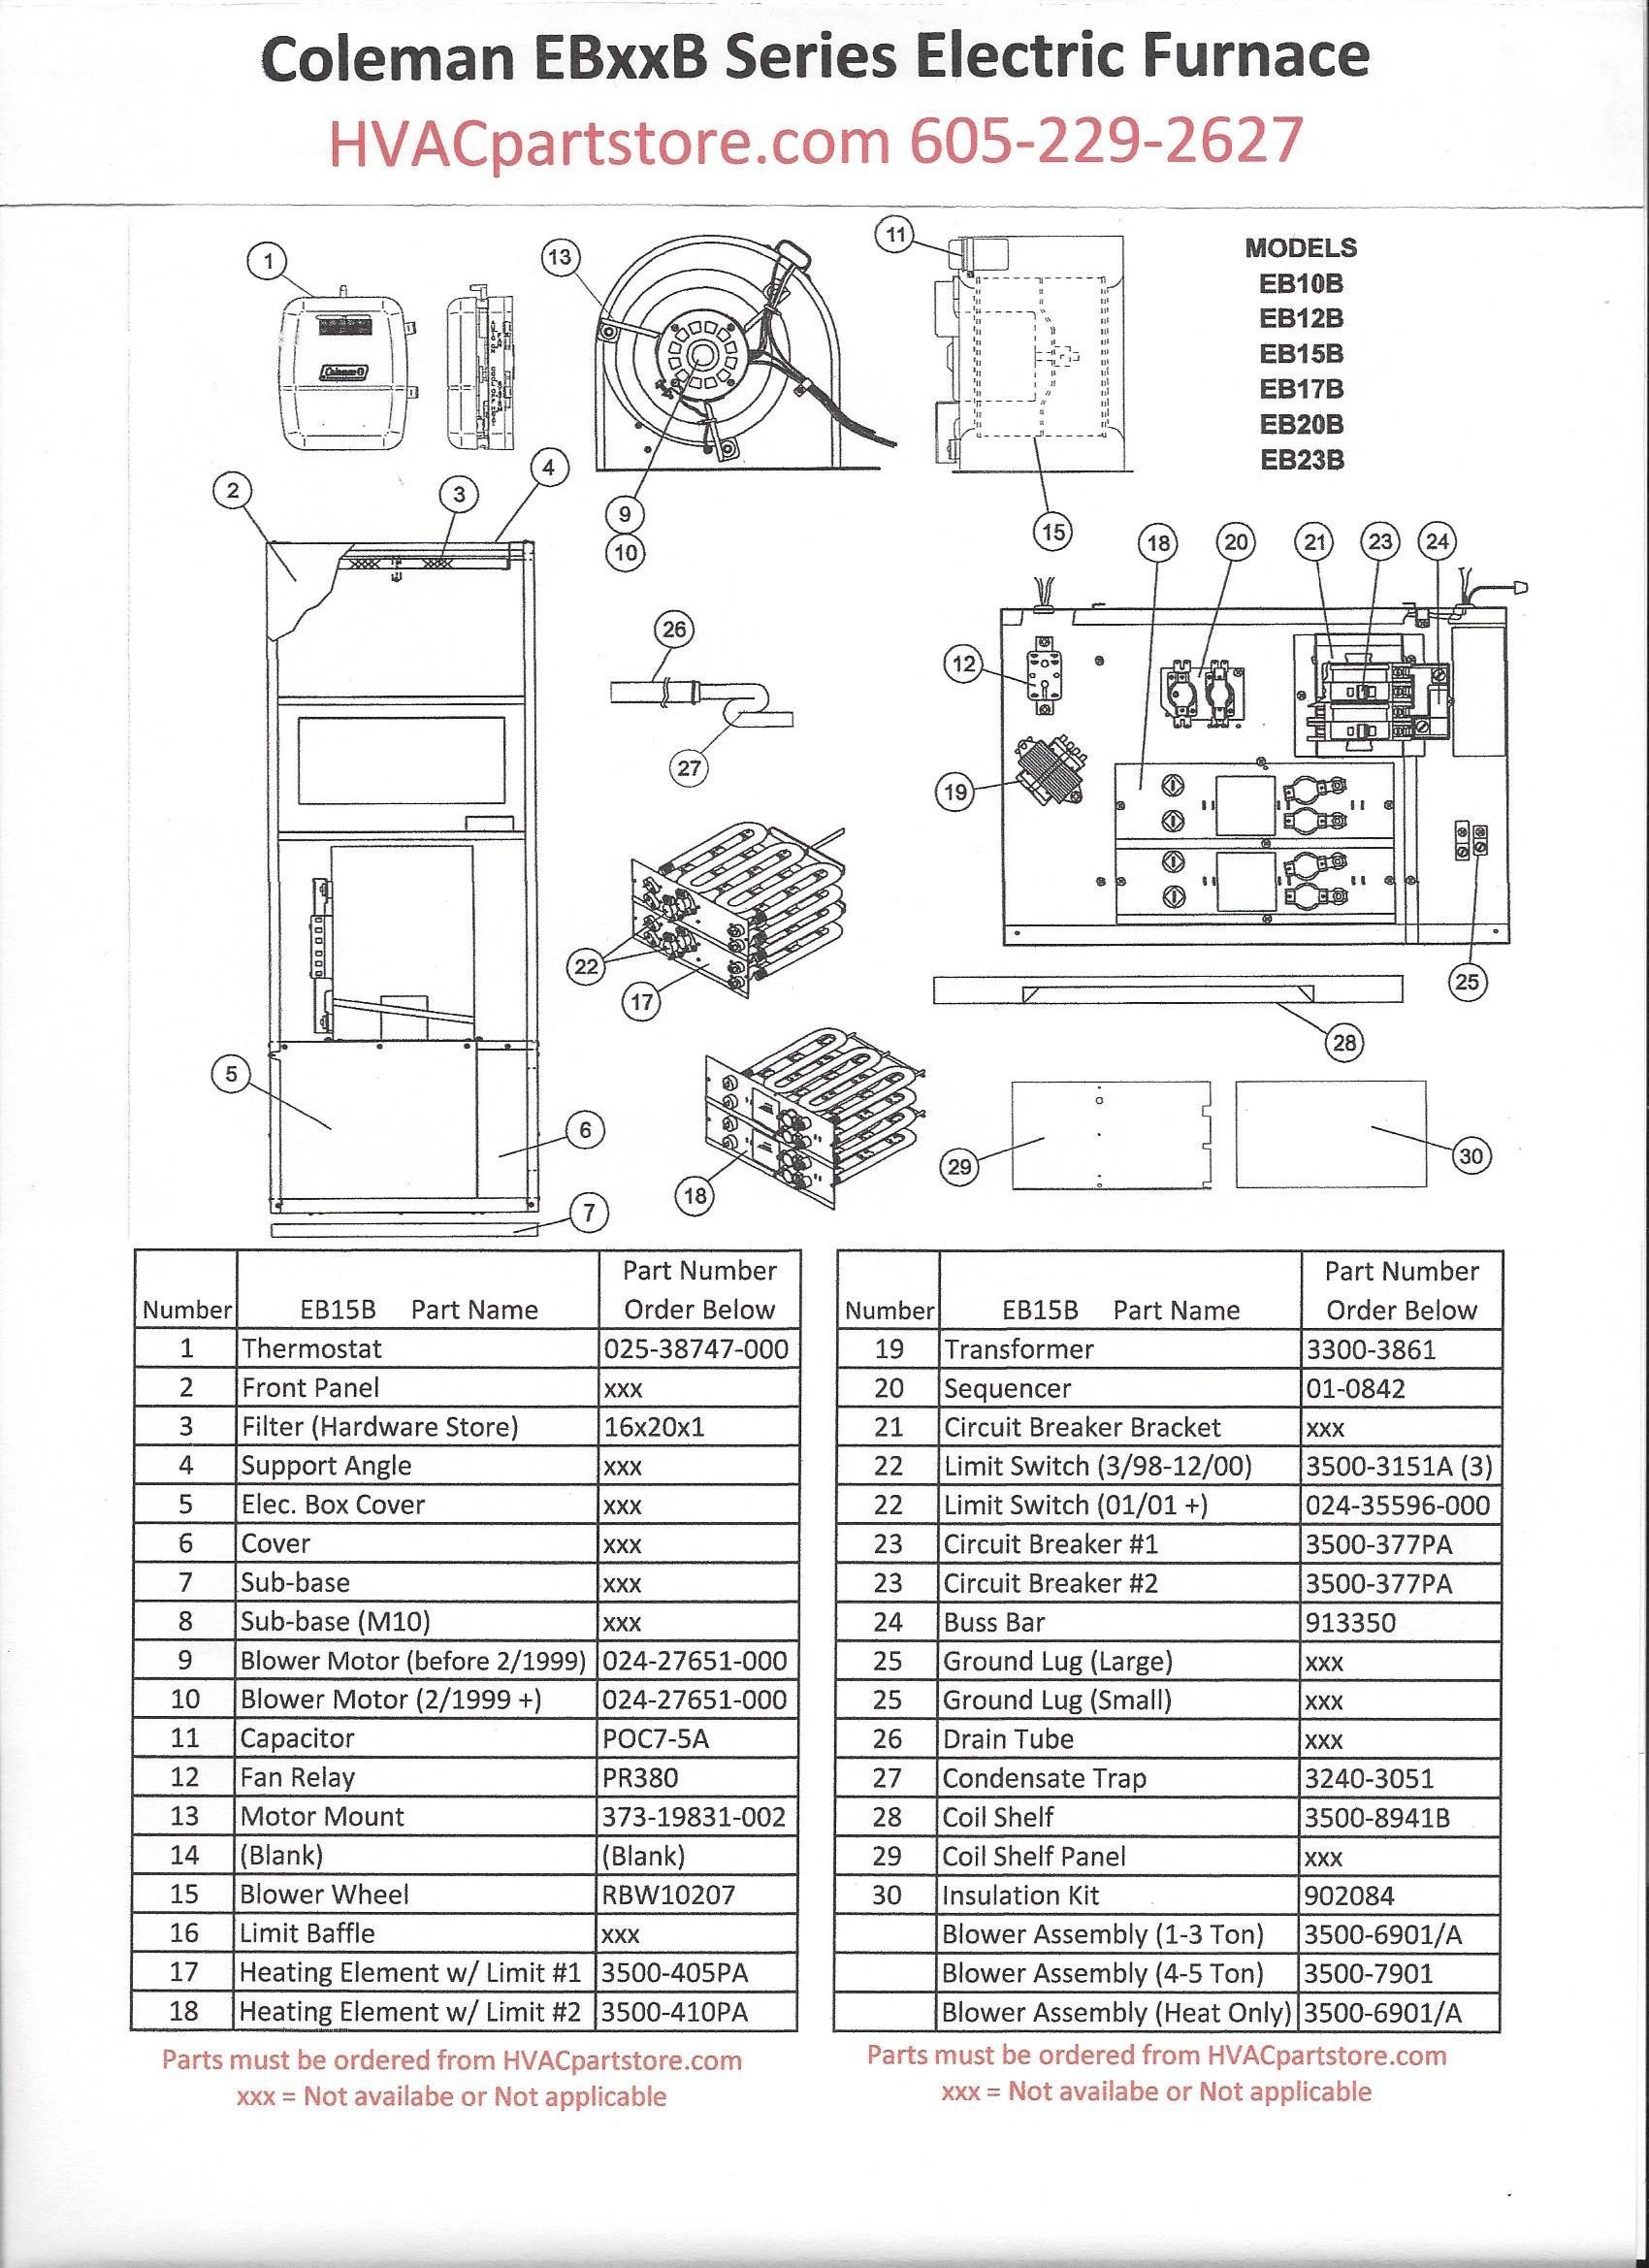 Goodman Electric Furnace Wiring Diagram | Free Wiring Diagram - Goodman Electric Furnace Wiring Diagram